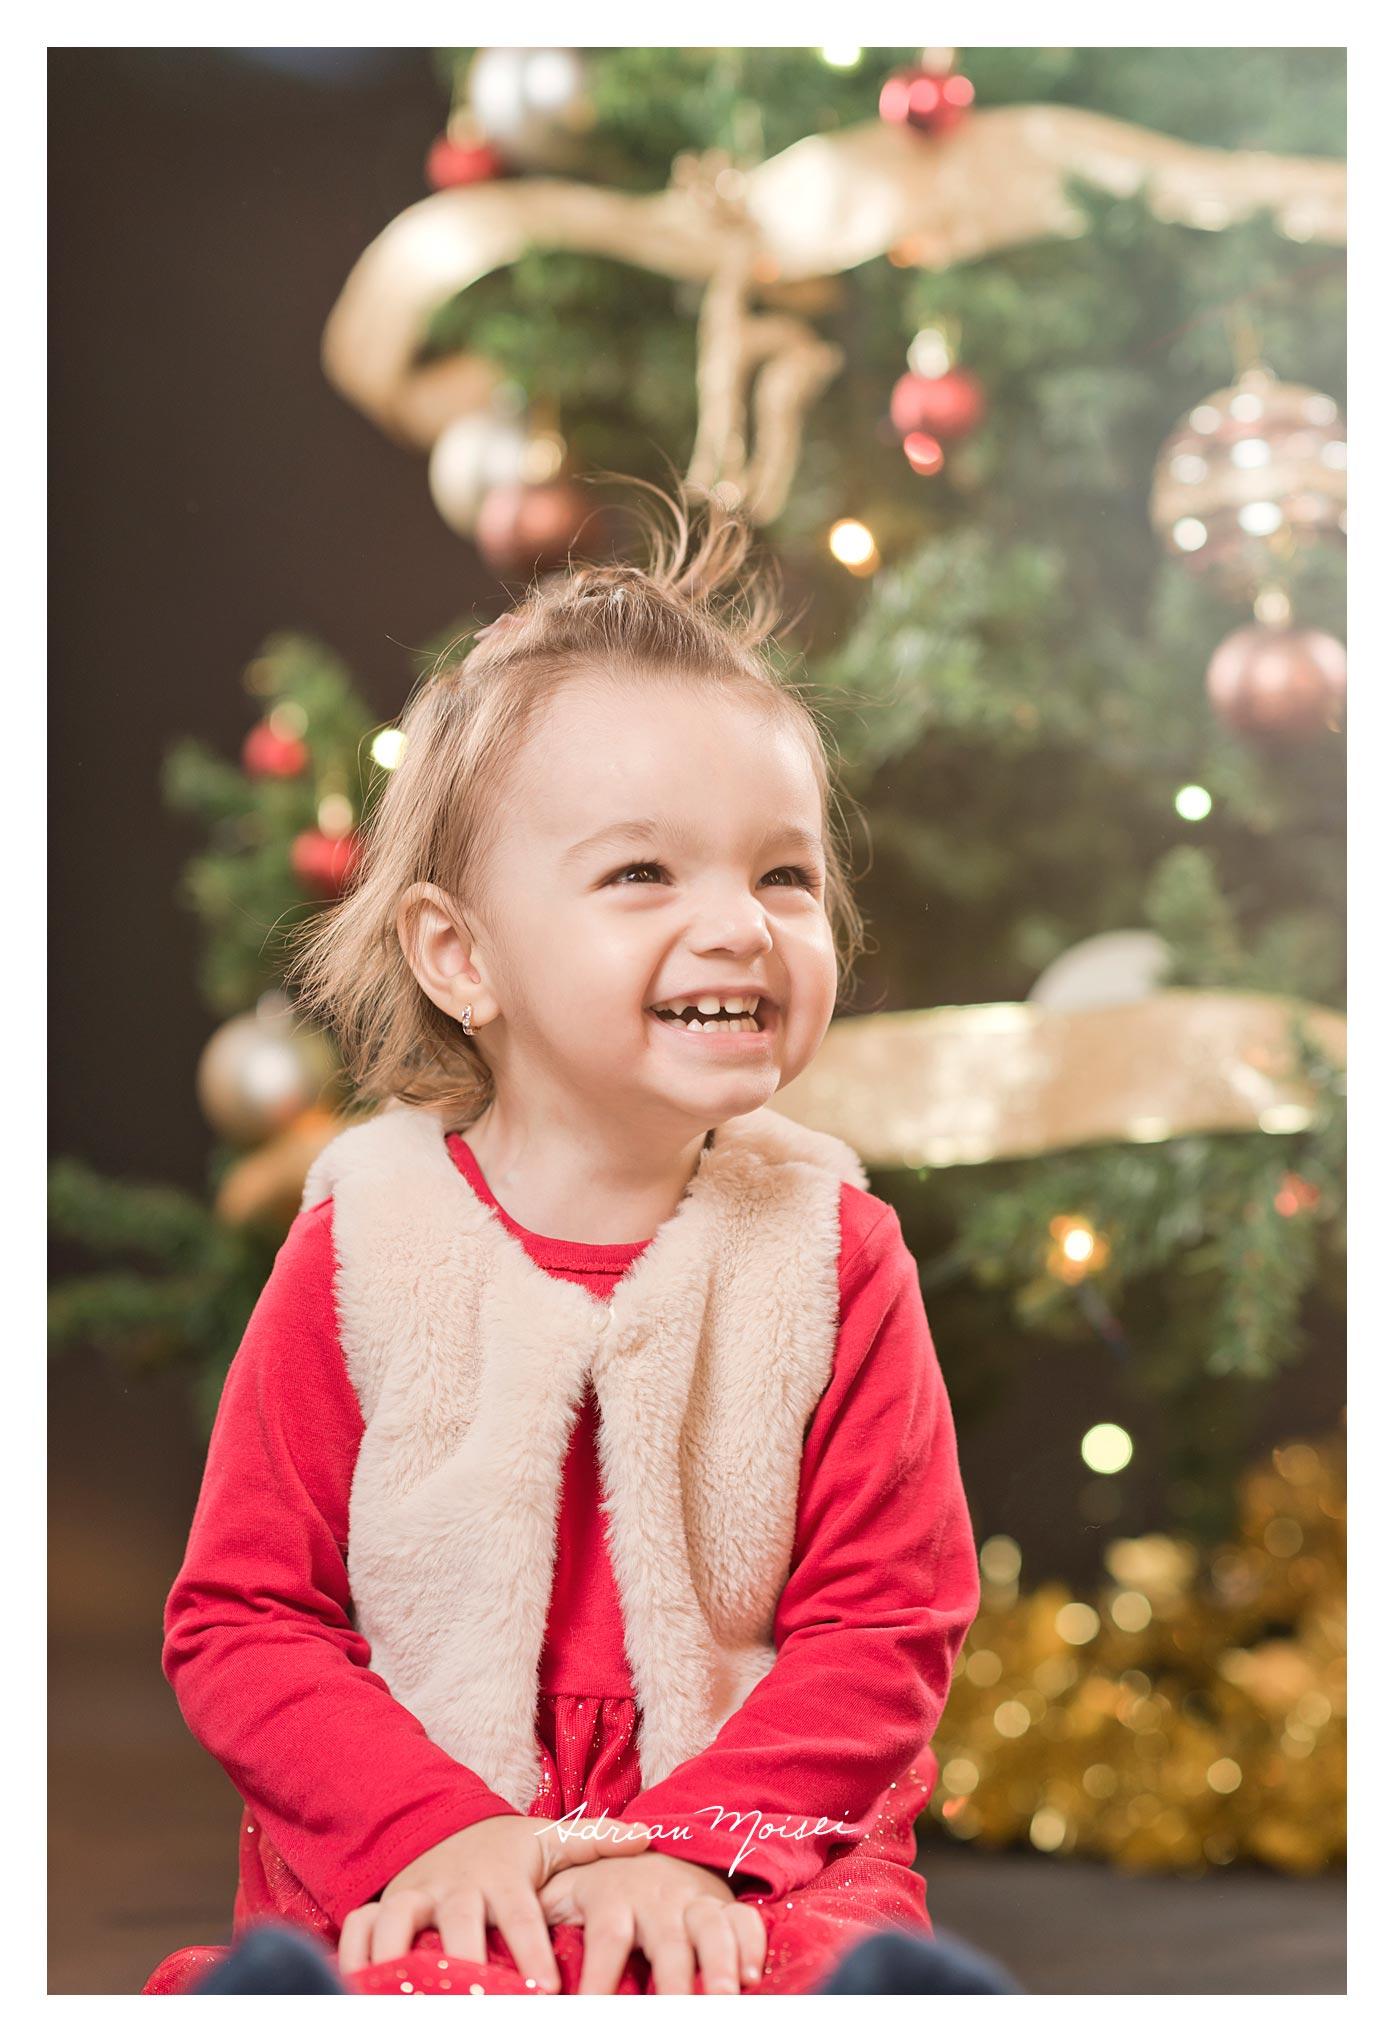 La doi anișori, de Crăciun, fotografie de familie, Adrian Moisei fotograf.